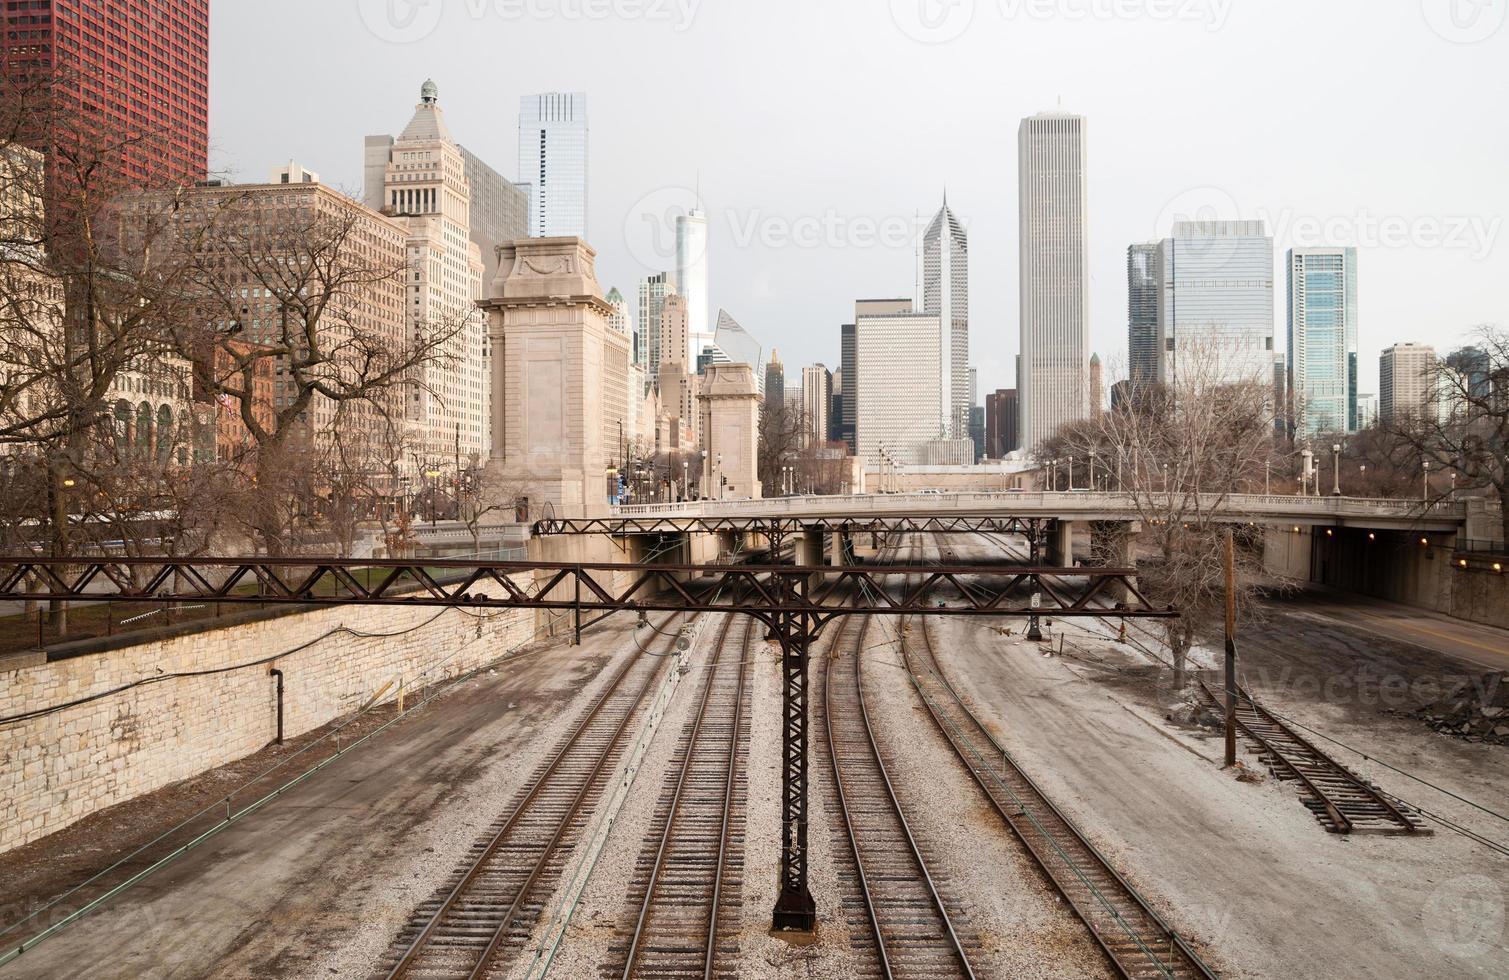 järnväg tåg spår railyards centrum chicago skyline transport foto